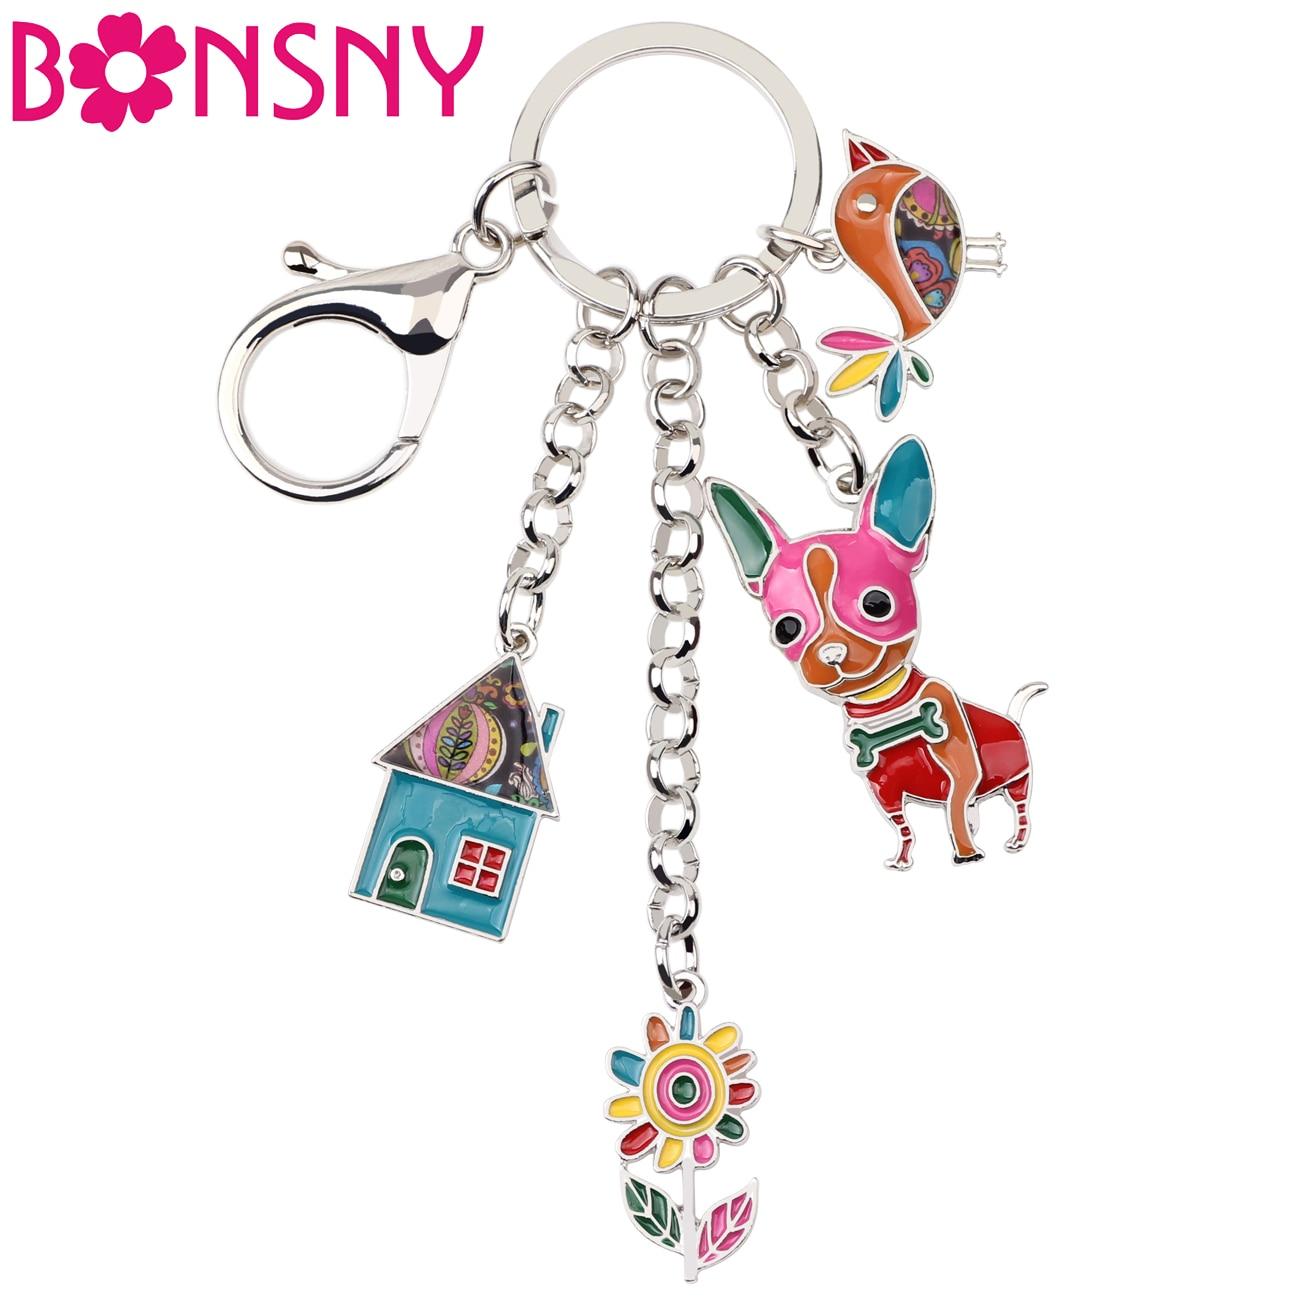 Bonsny Enamel Metal Chihuahua Dog Bird Flower House Key Chais